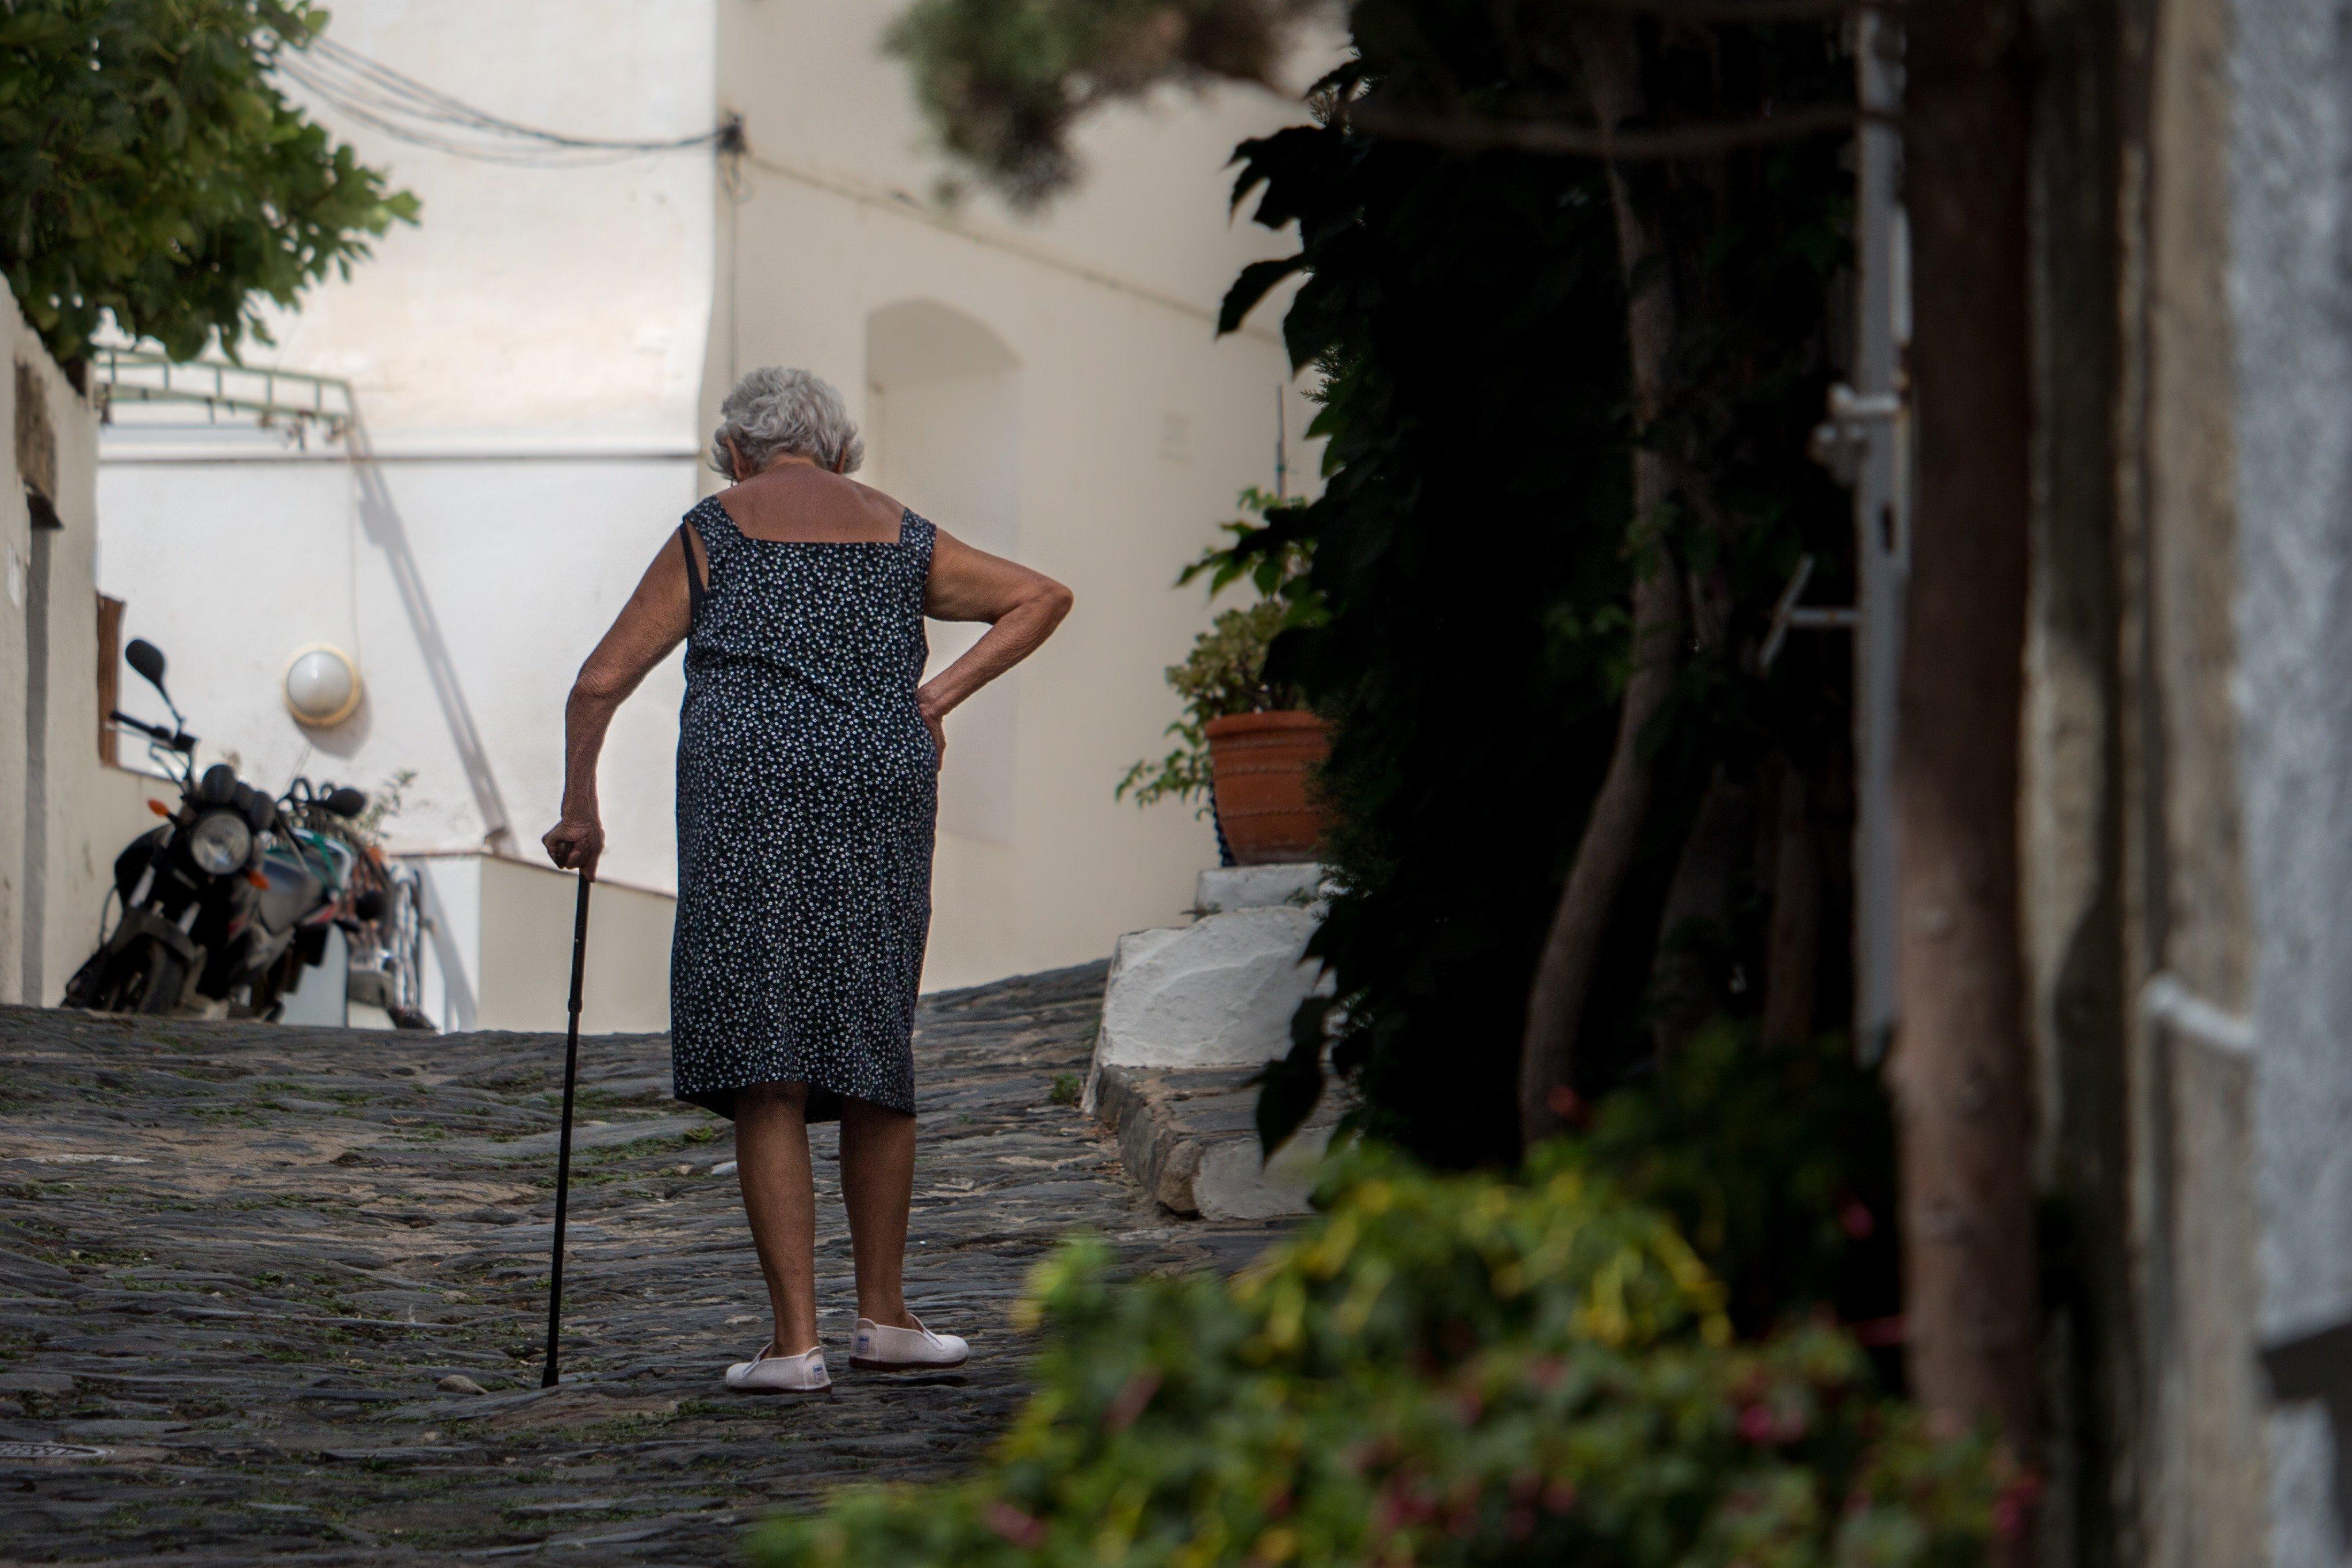 Une Grand-mère marchant en tenant une canne | Source : Unsplash